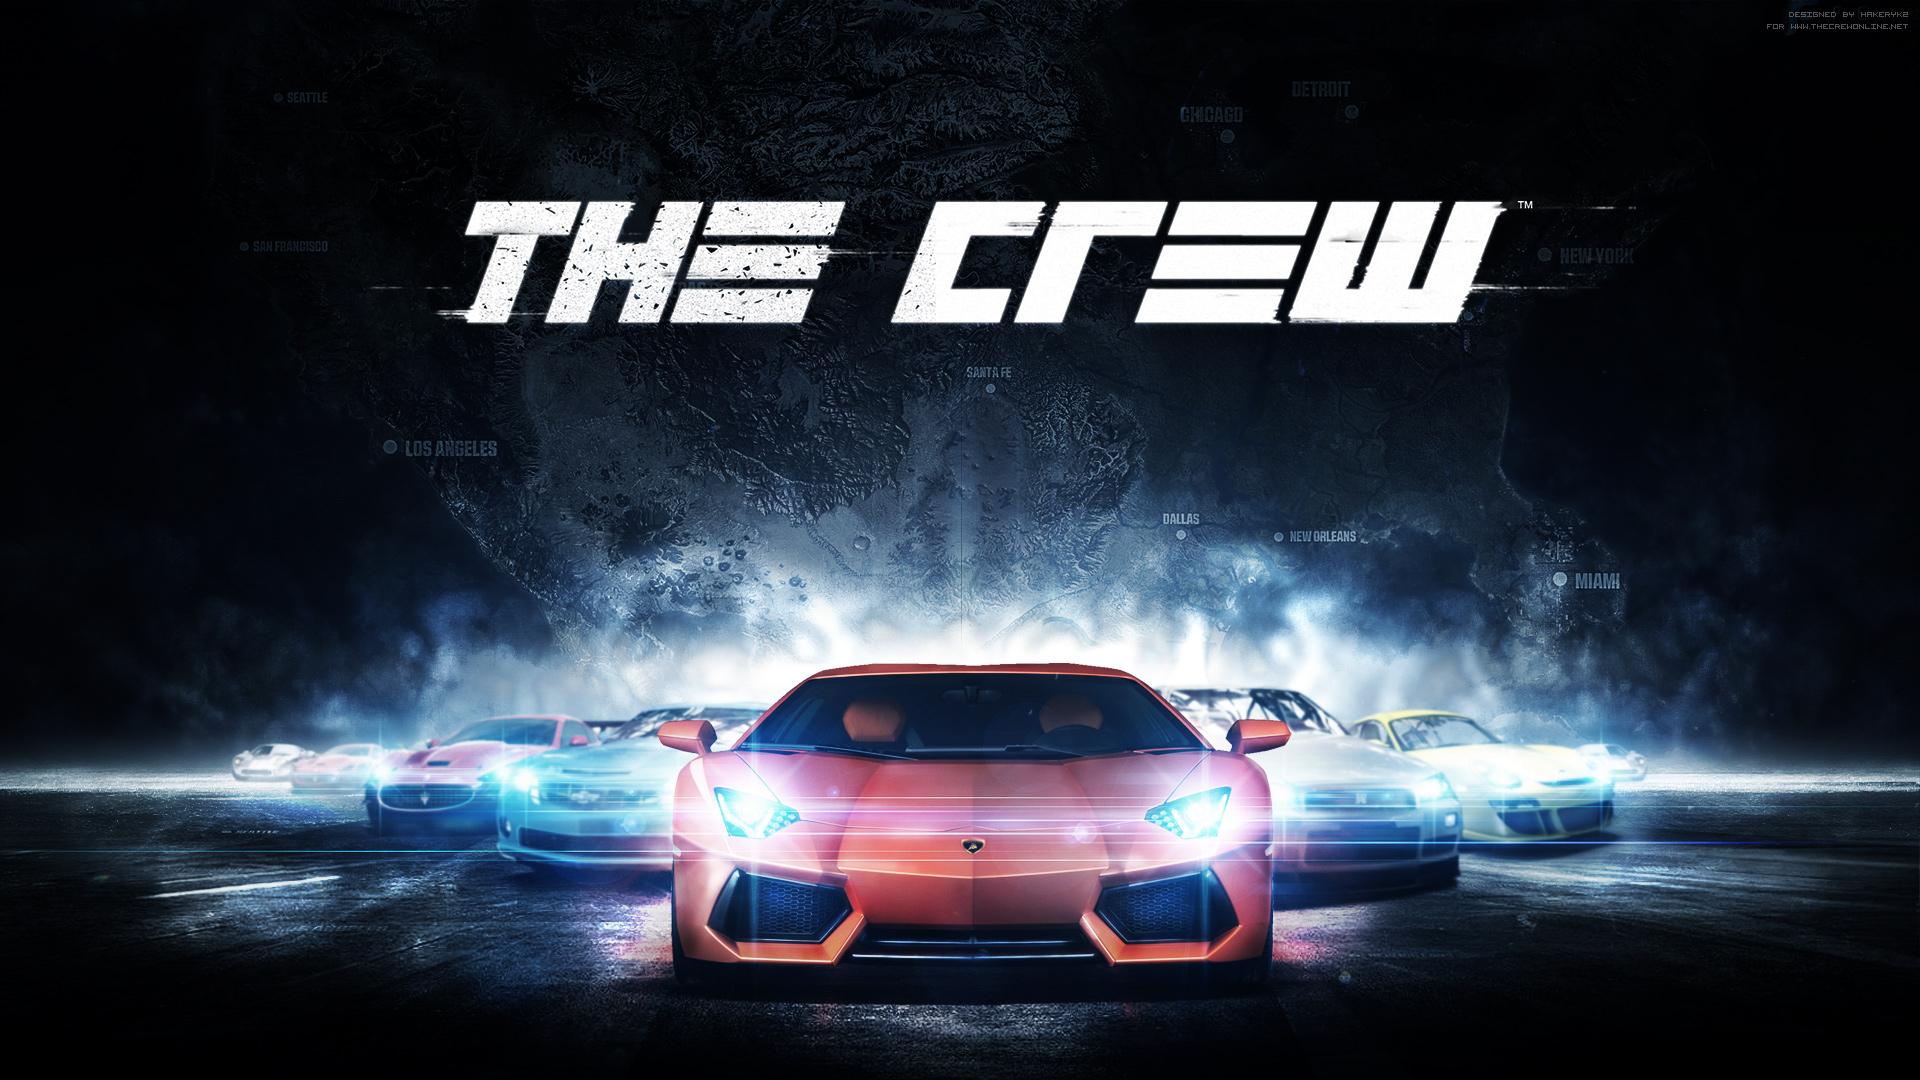 Clé pour la bêta de The Crew sur PC